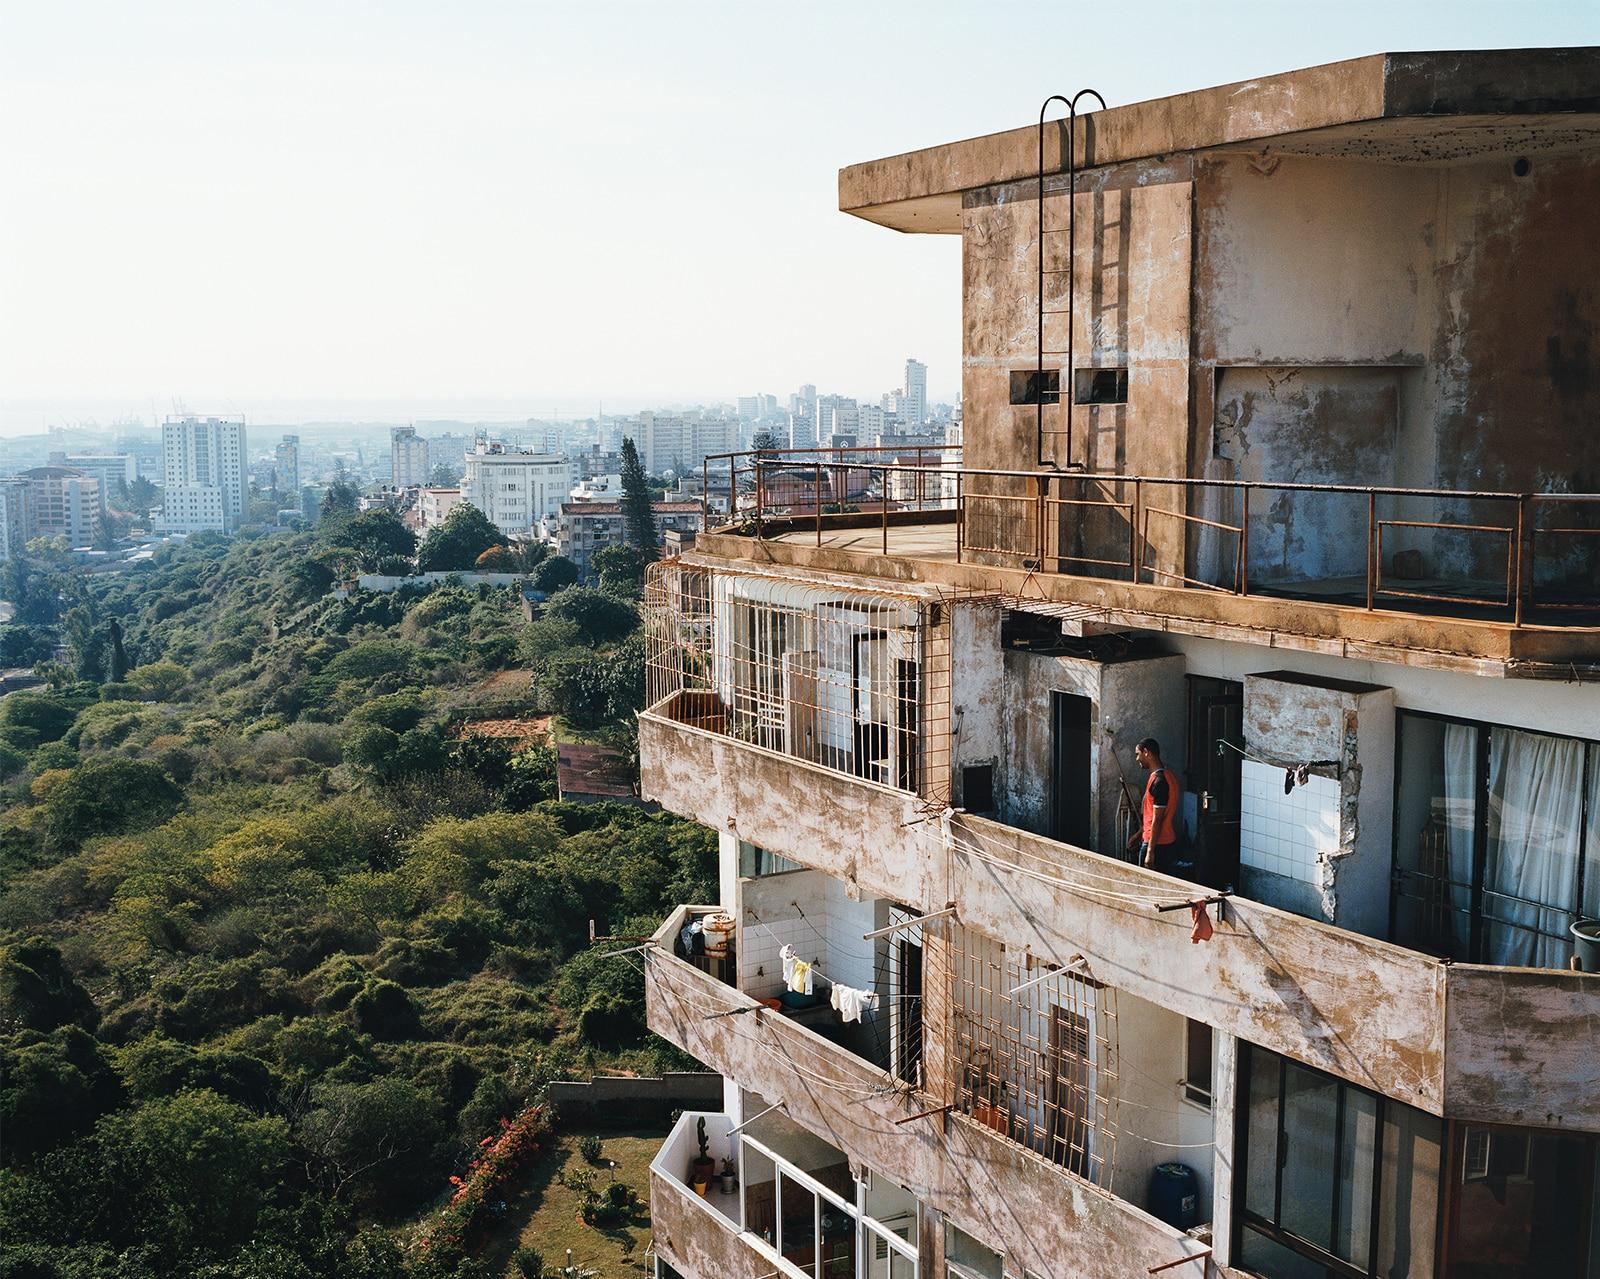 Sudnly-mag-Les Rencontres d'Arles 2021-Guillaume Bonn, Appartements avec vue sur le centre-ville de Maputo